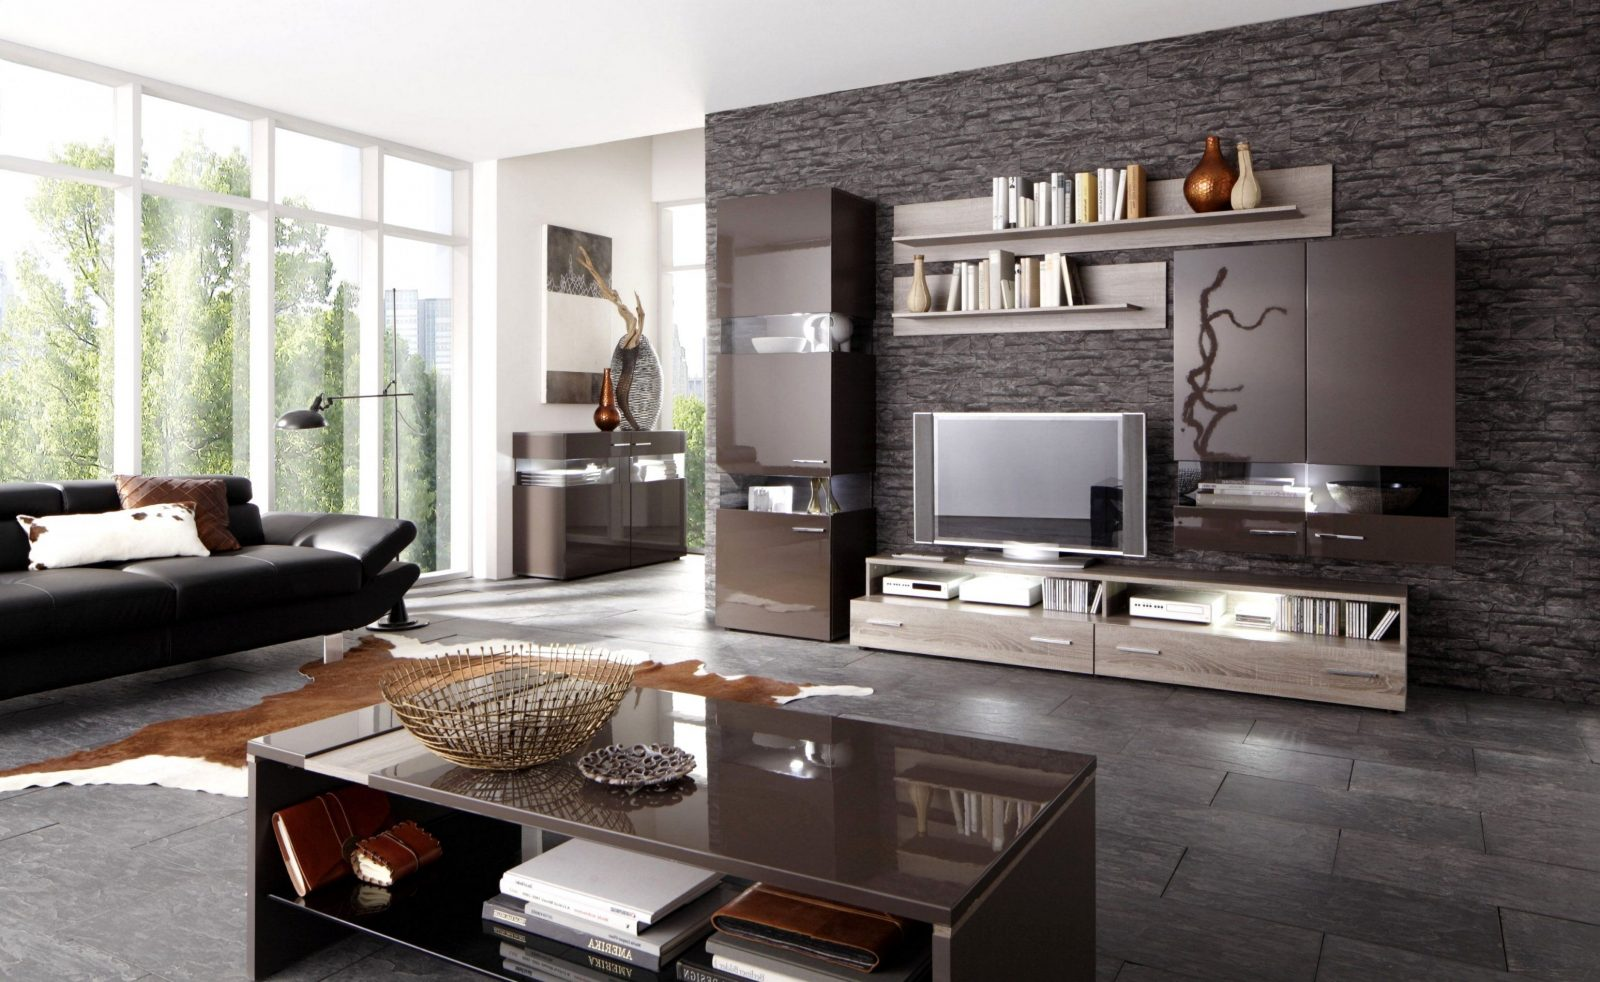 Wohnzimmer Renovieren Ideen Liebenswert Wohnzimmer Renovierung Ideen ...